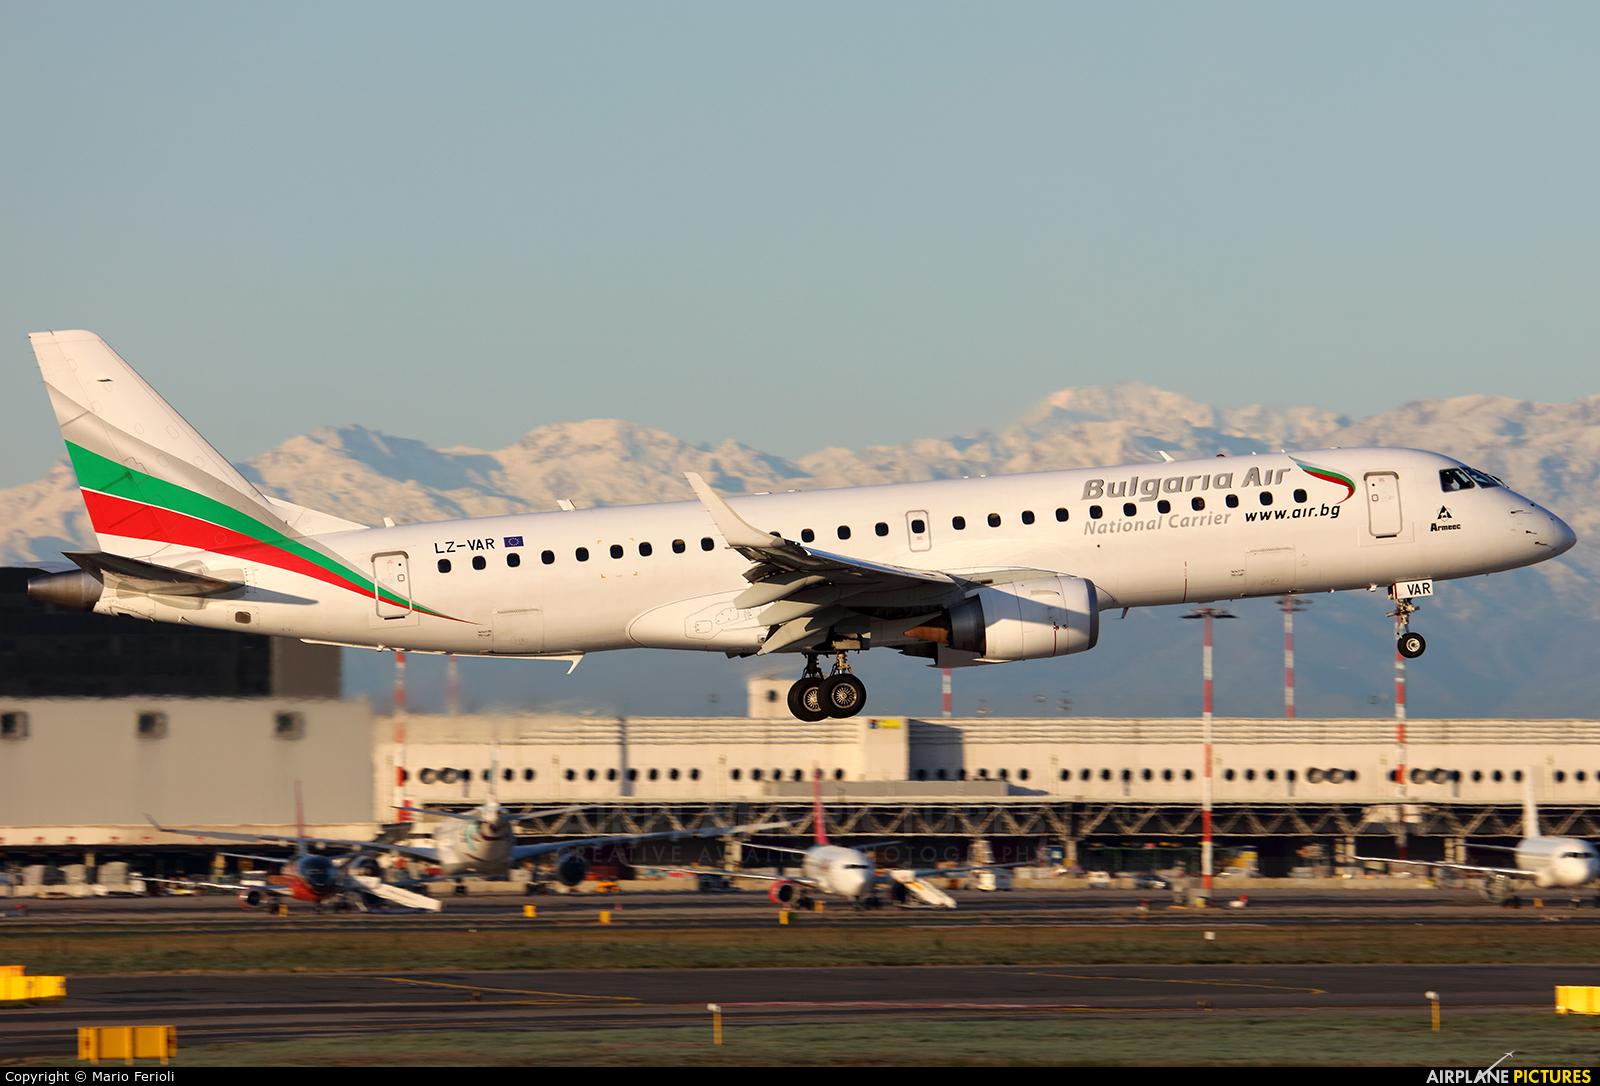 Bulgaria Air LZ-VAR aircraft at Milan - Malpensa